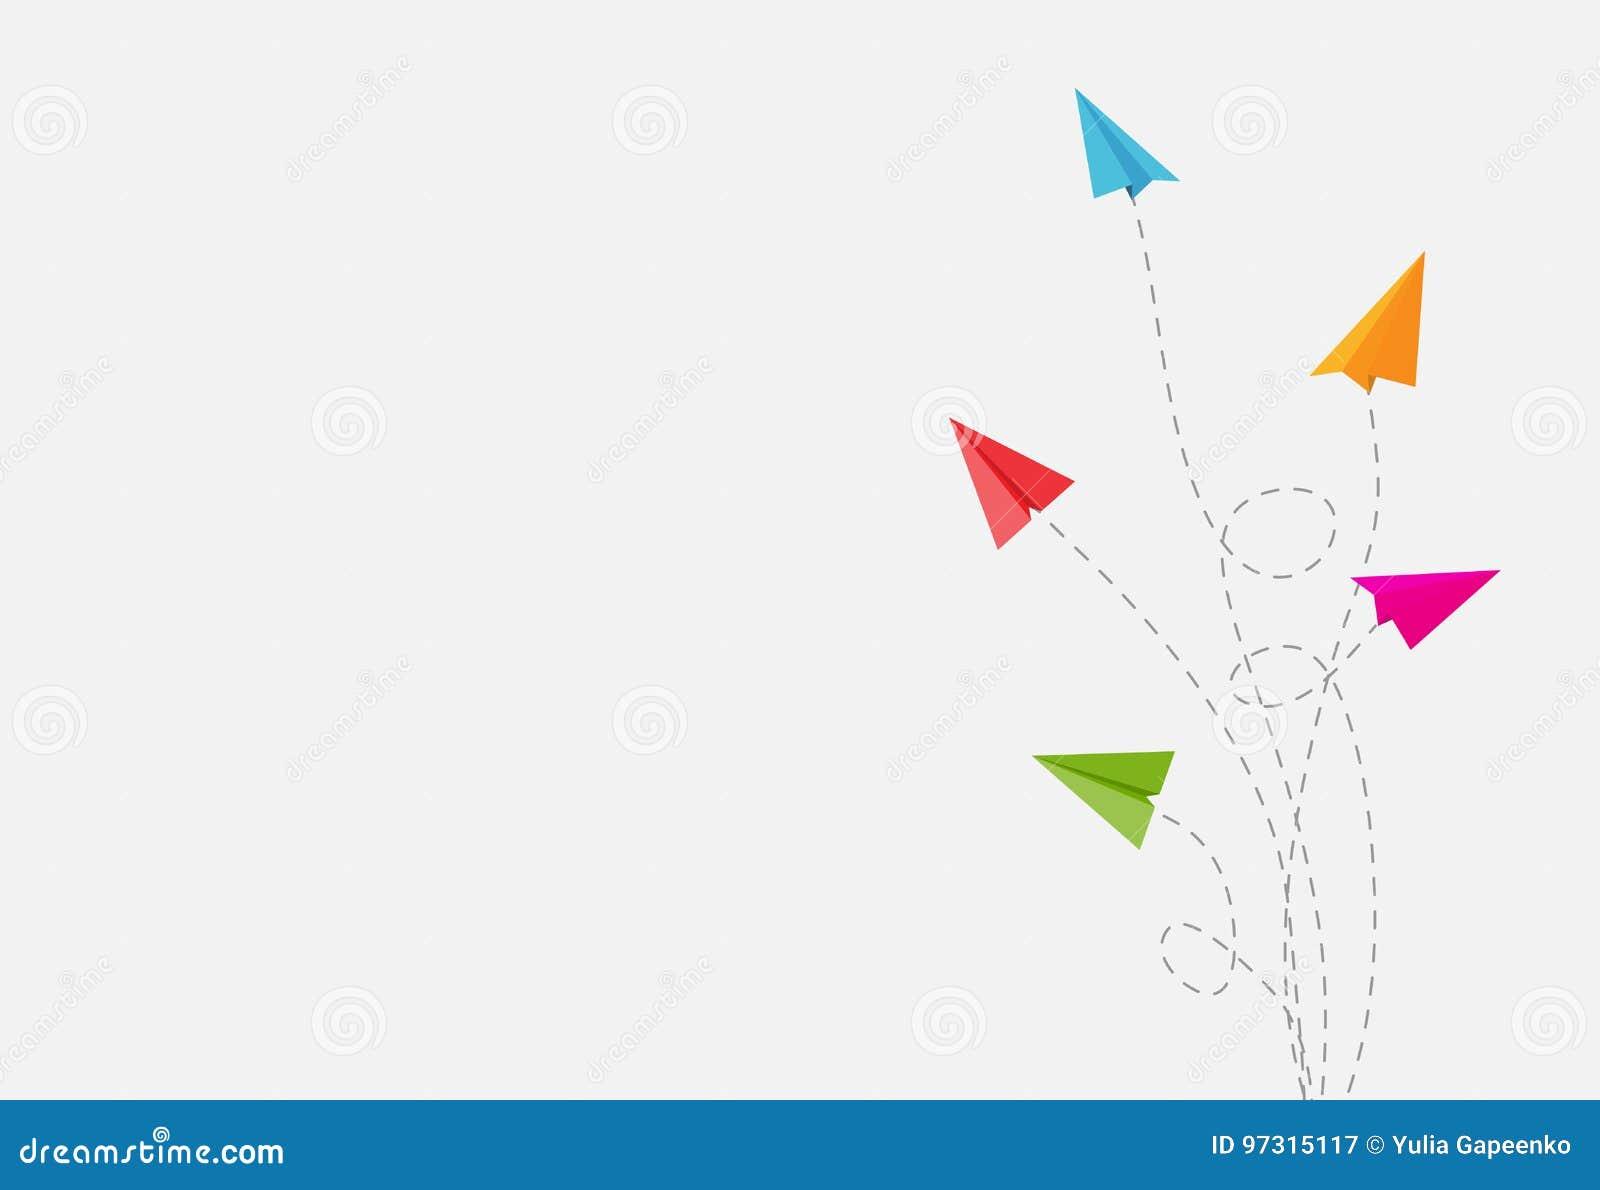 Abstrakter Hintergrund mit Papierflugzeug-ändernder Richtungs-Vektor-Illustration